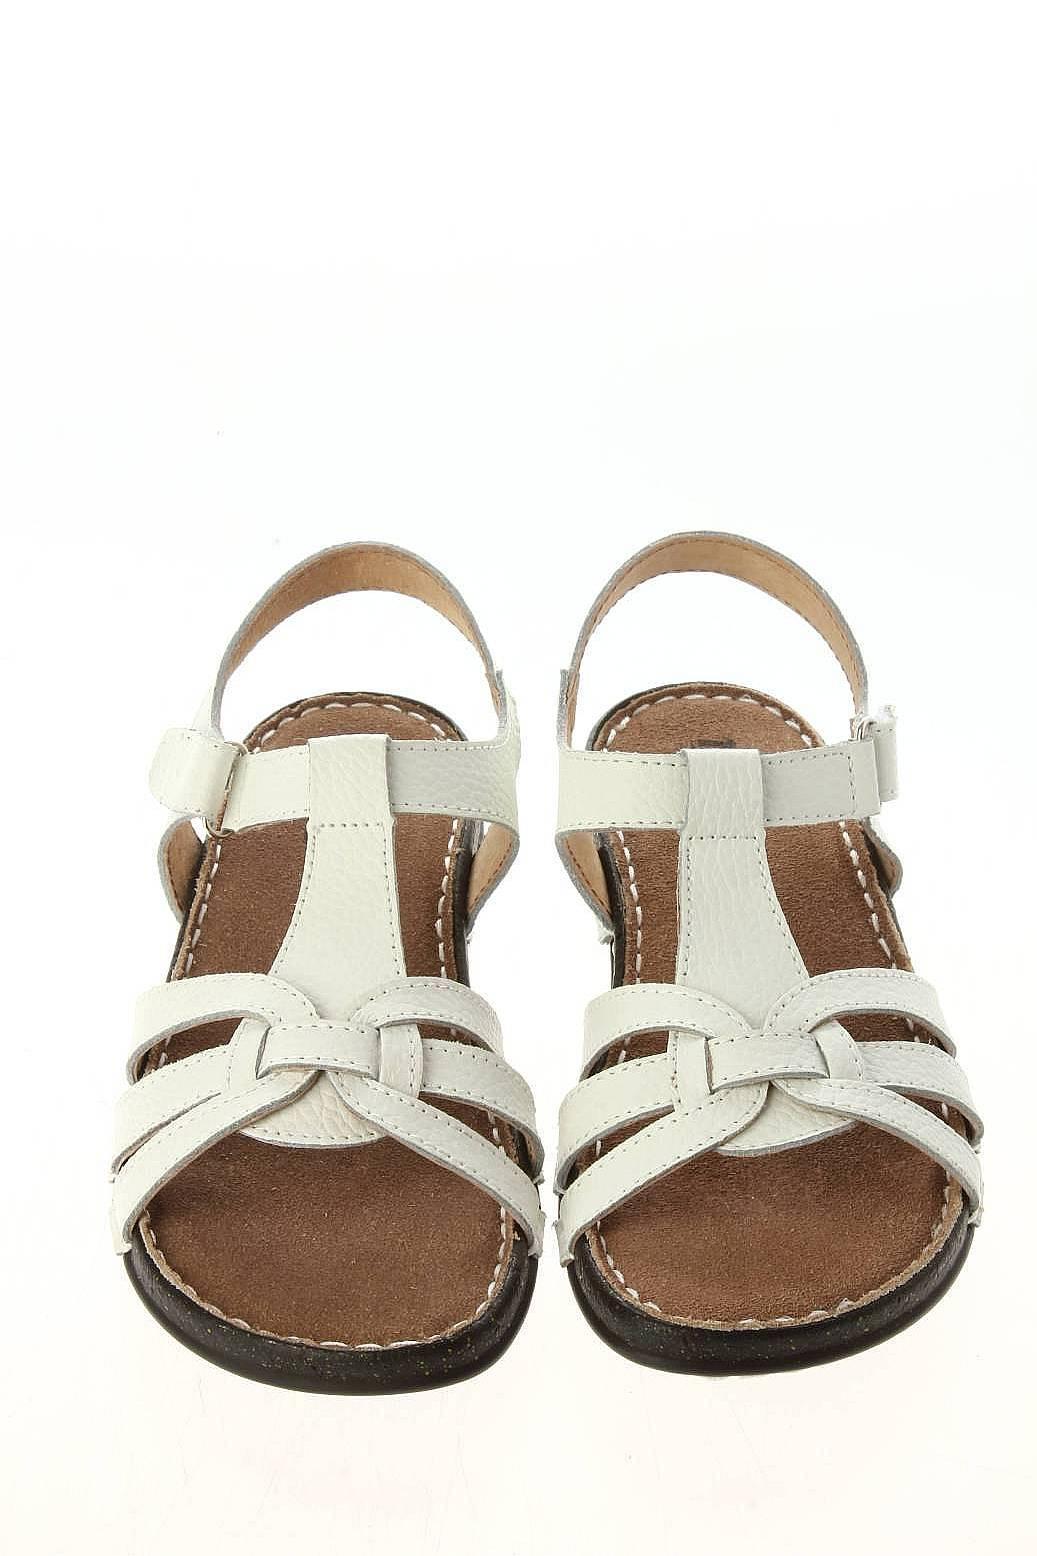 Мужская Обувь Детская Обувь Женская Обувь Сандалии: Tofa Обувь